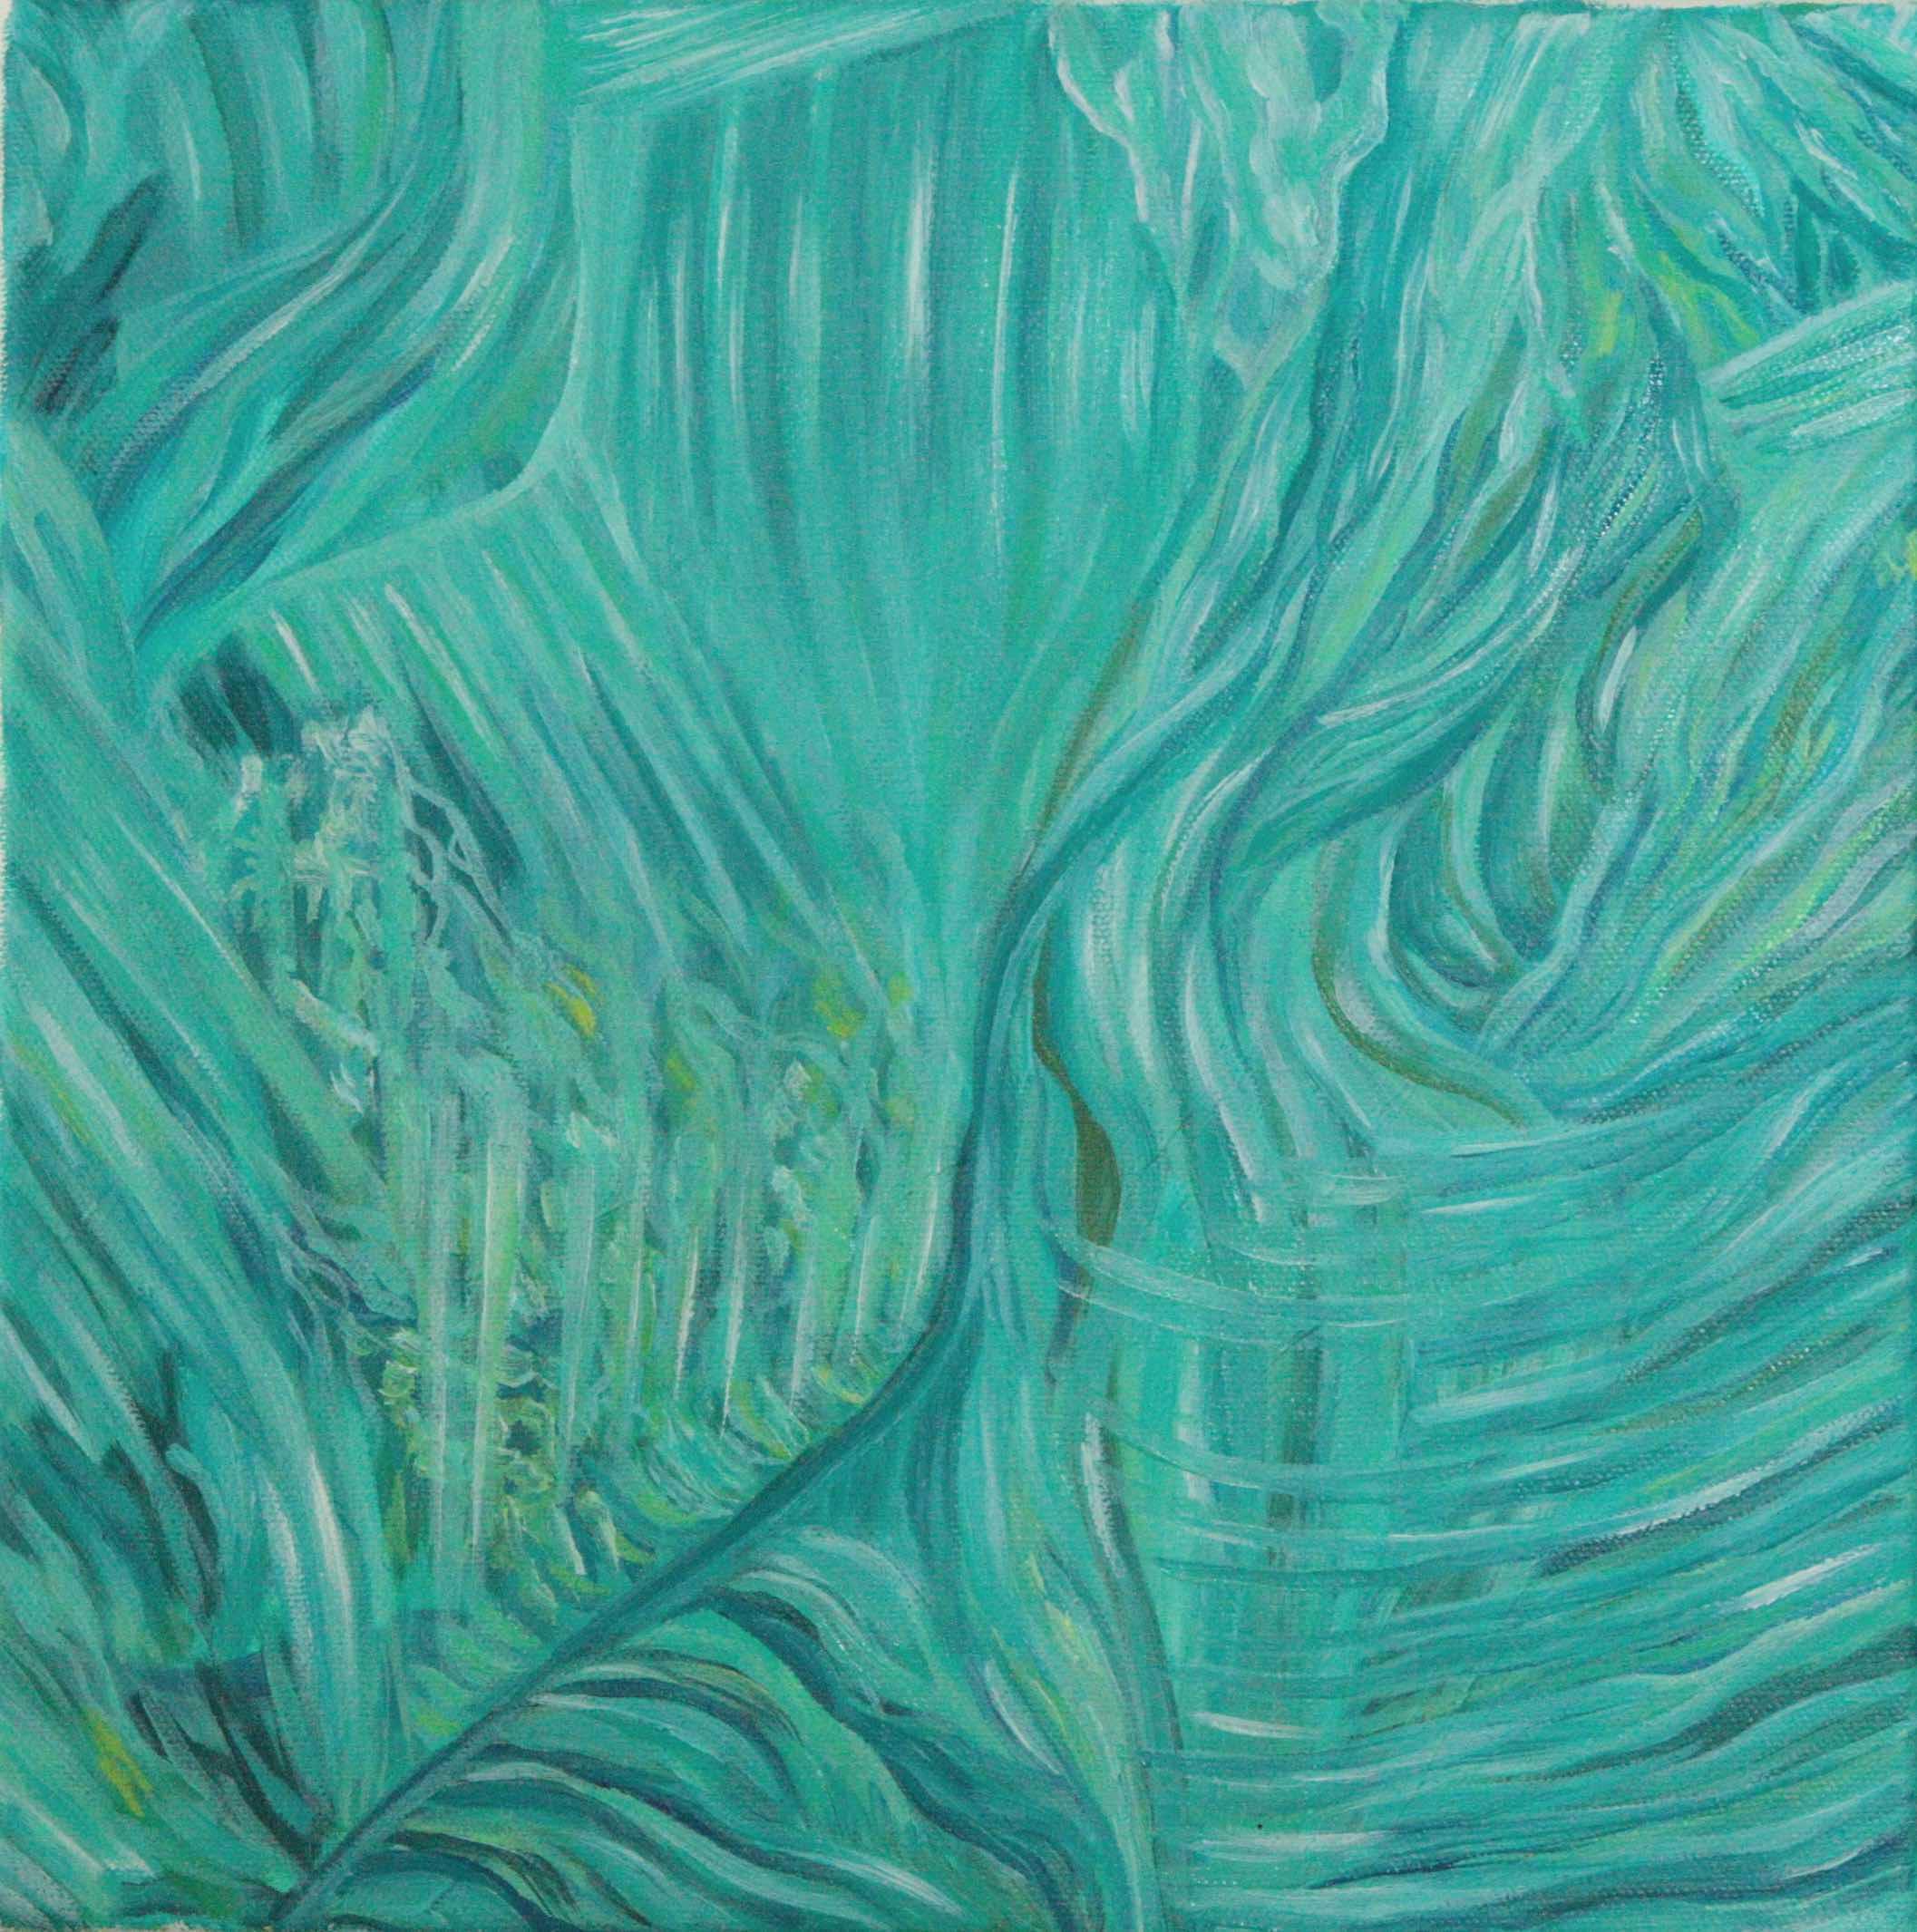 Turkoosin, vaaleanvihreän ja vaaleansinisen sävyissä läpinäkyvä mineraalikoostuma.